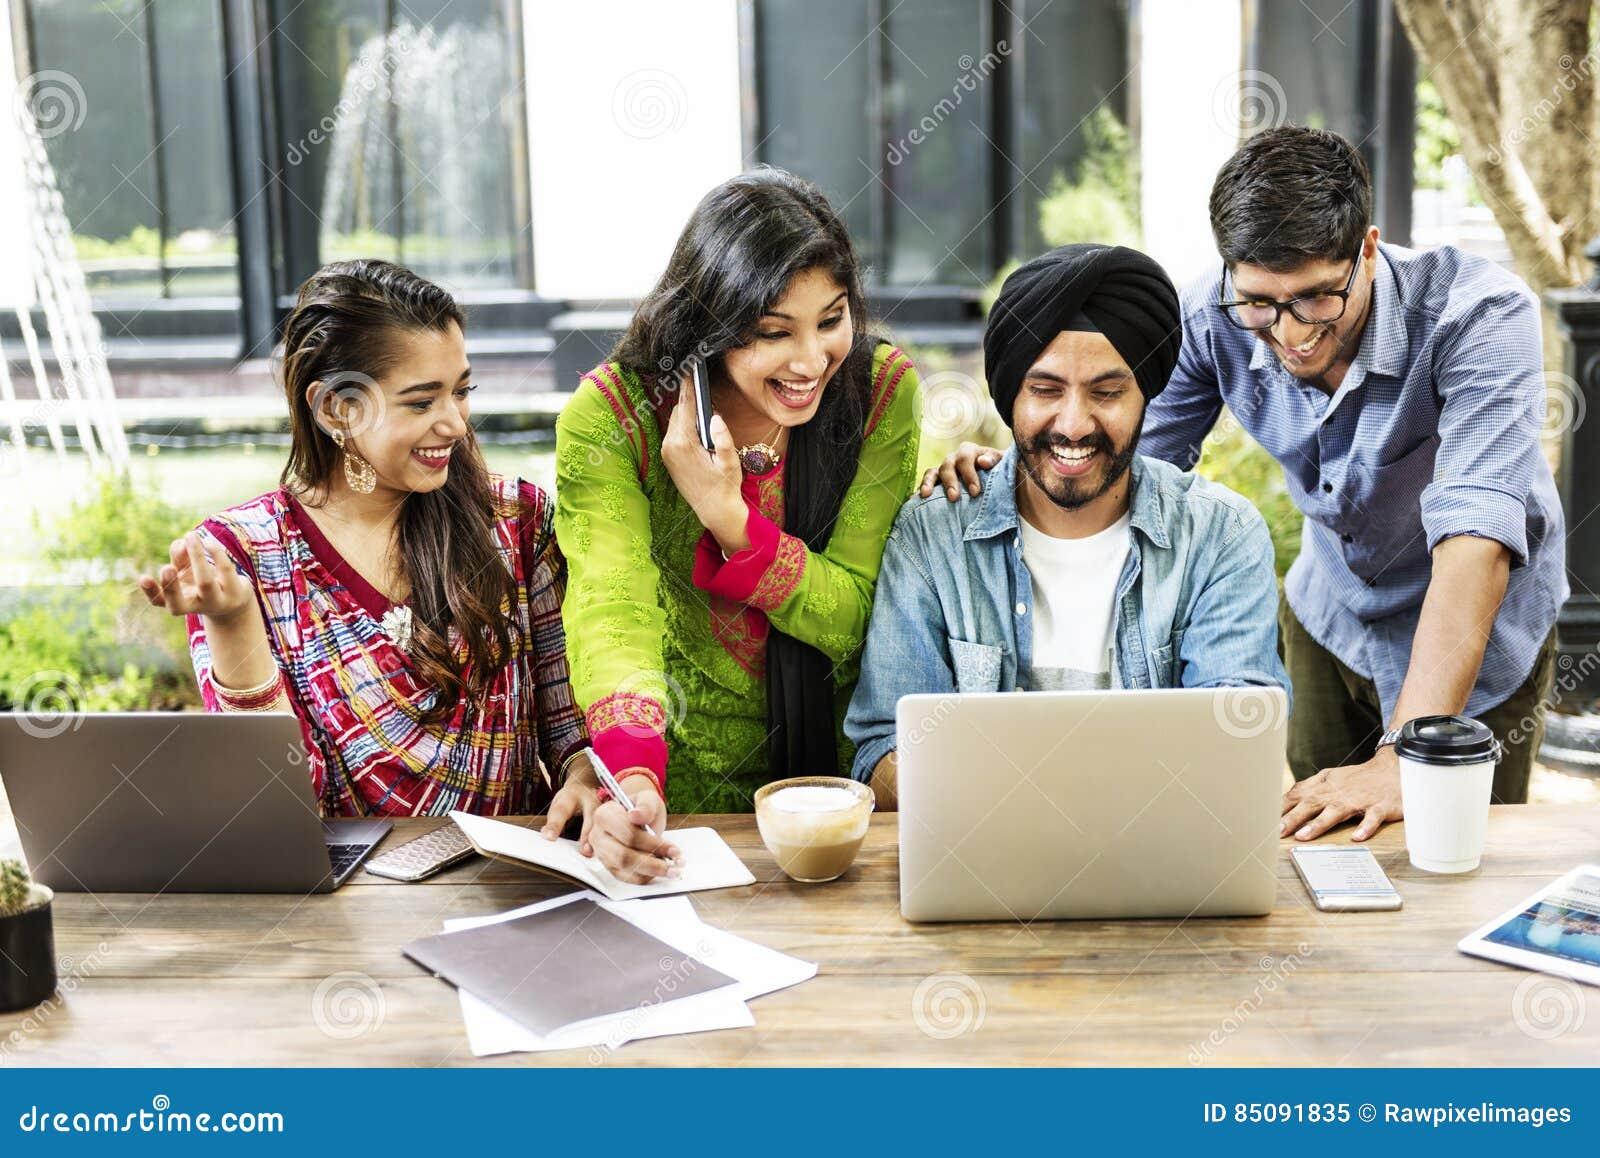 Приборы технологии друзей усмехаясь внутри помещения концепция